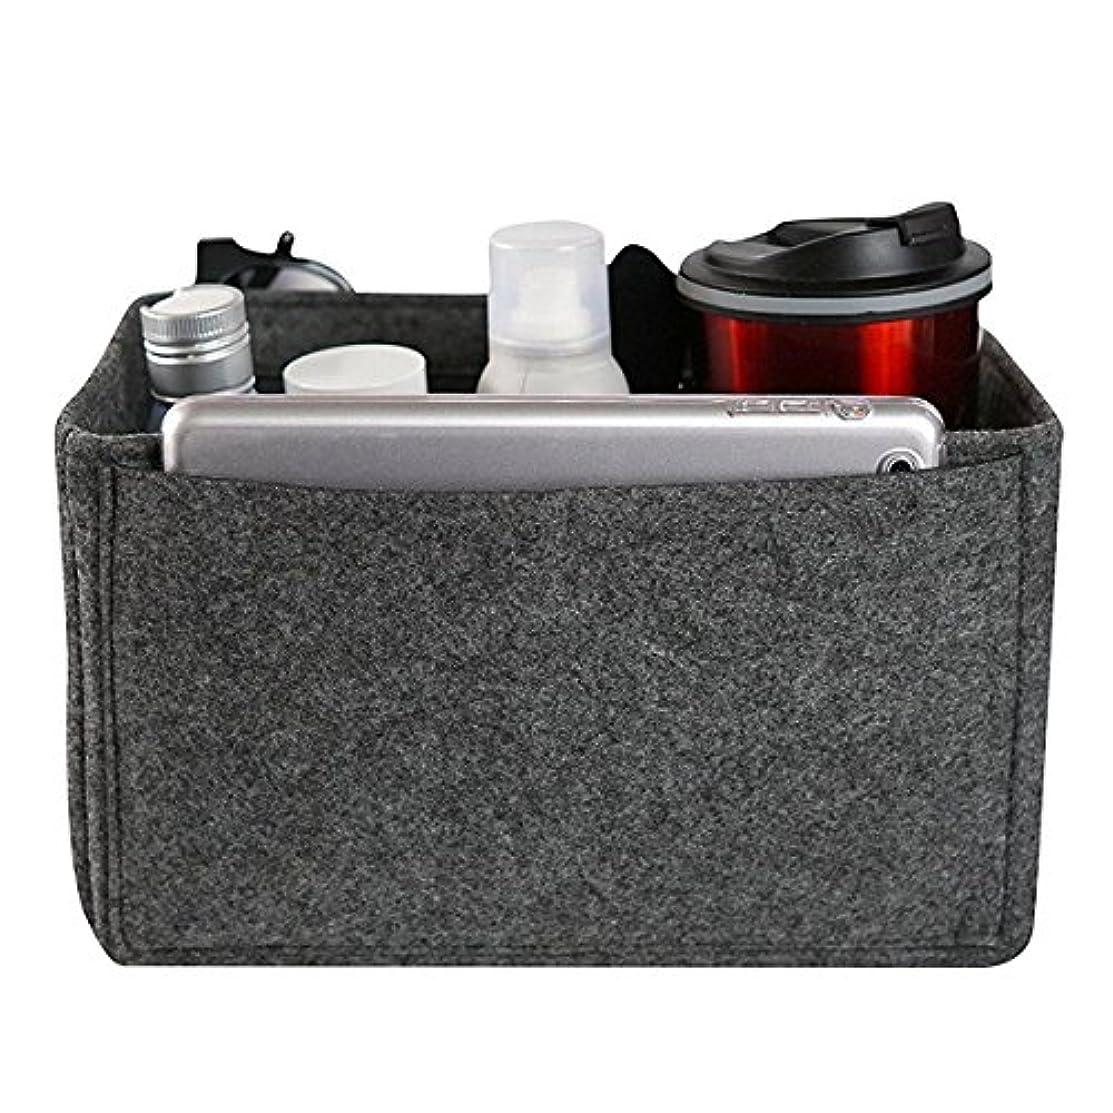 燃やすあいまいな見てYZUEYT フェルトインサートバッグマルチポケット化粧品ハンドバッグ財布オーガナイザーホルダーメイクアップトラベルジッパー YZUEYT (Color : Color dark gray, Size : XL)